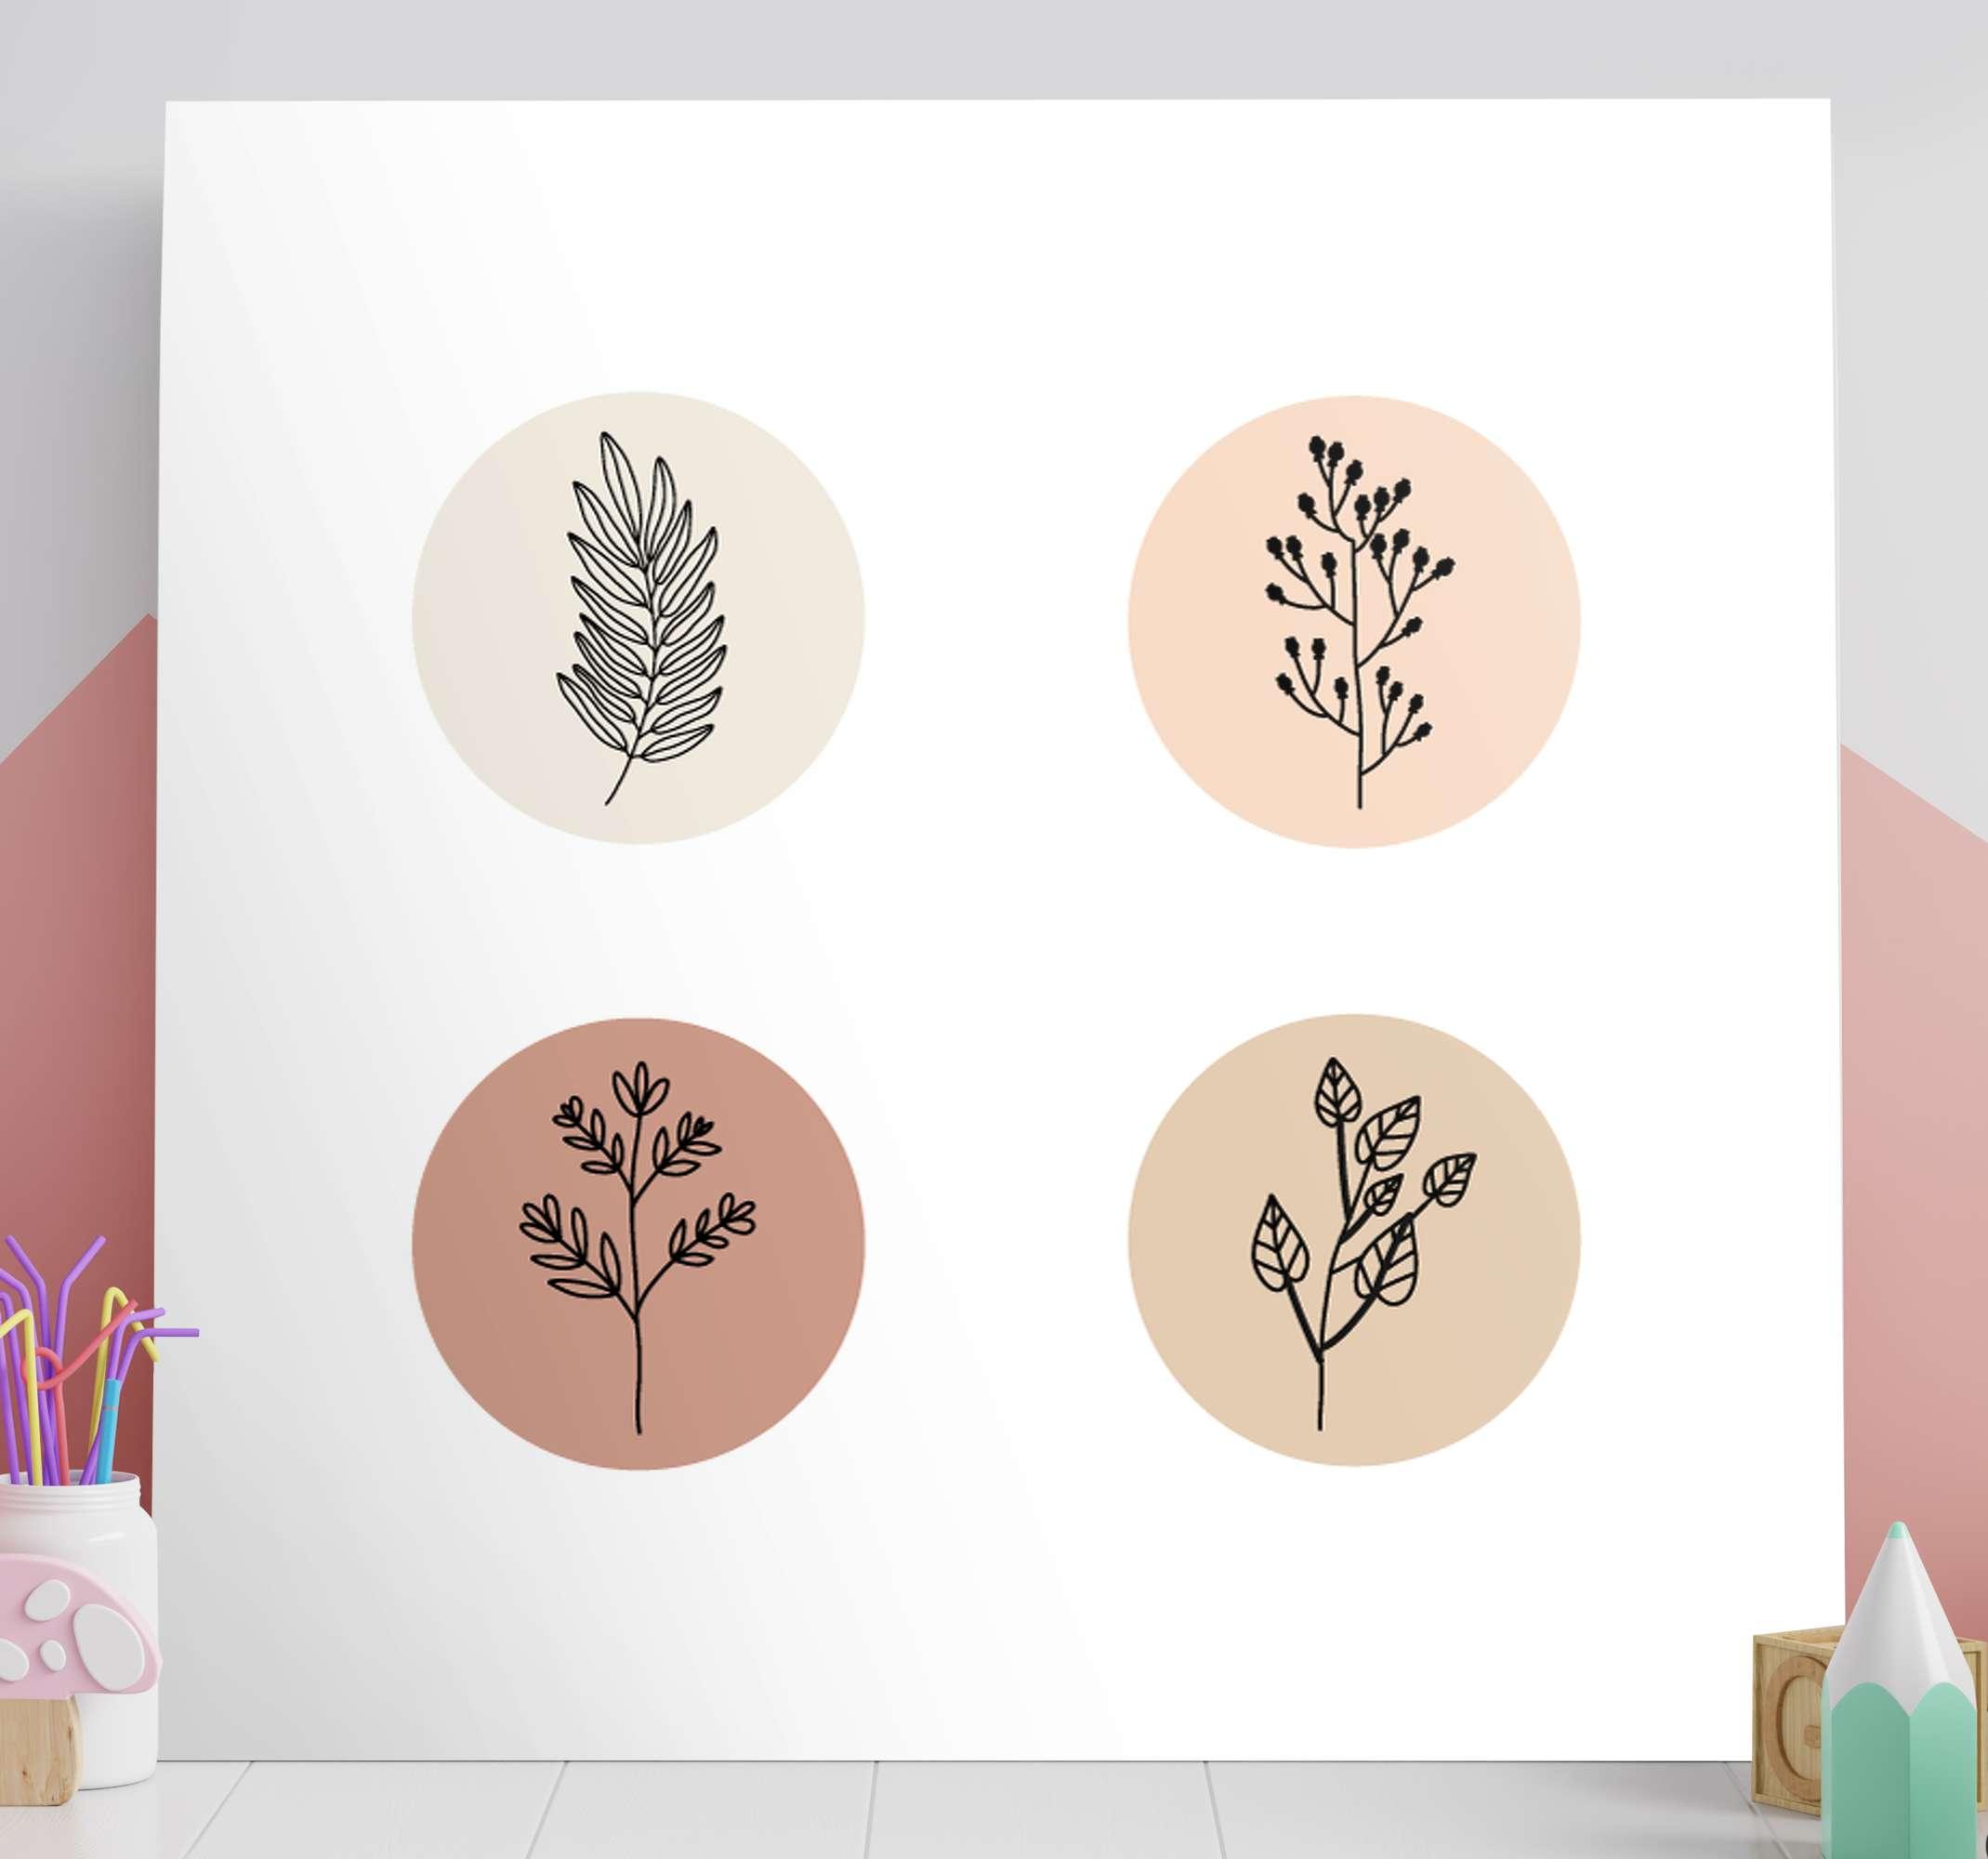 TenStickers. Canvas schilder ingang Minimalistische bloemen. Minimalistische bloemen canvas schilderij om de uitstraling van elke ruimte met een luxe tintje te verbeteren. Bestel hem nu!